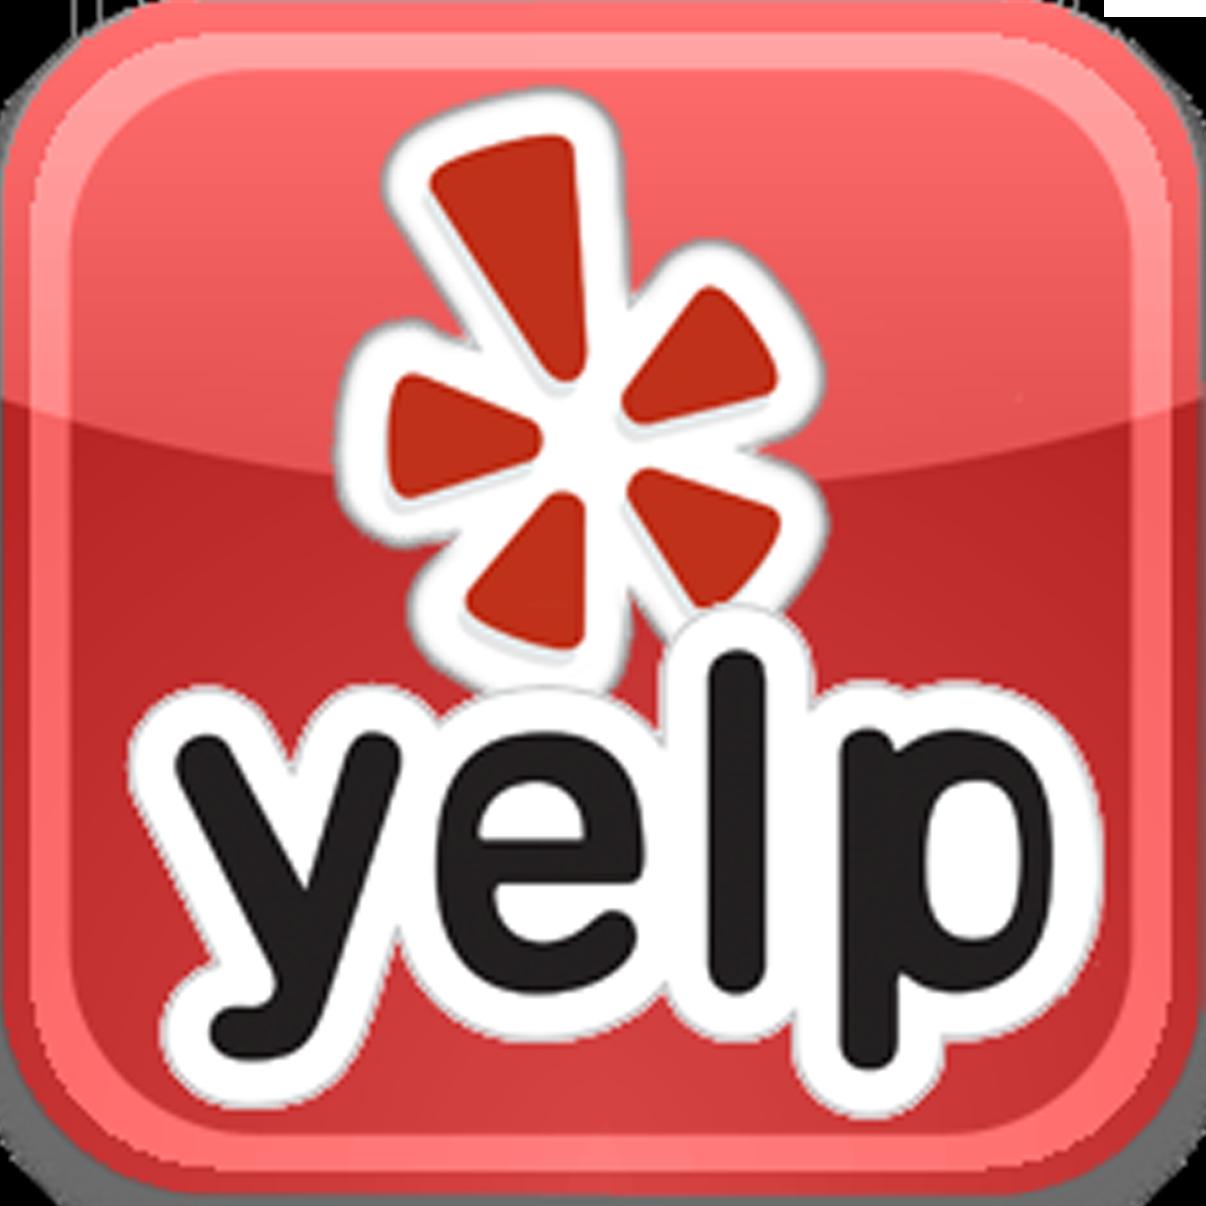 1206x1206 Yelp Logo